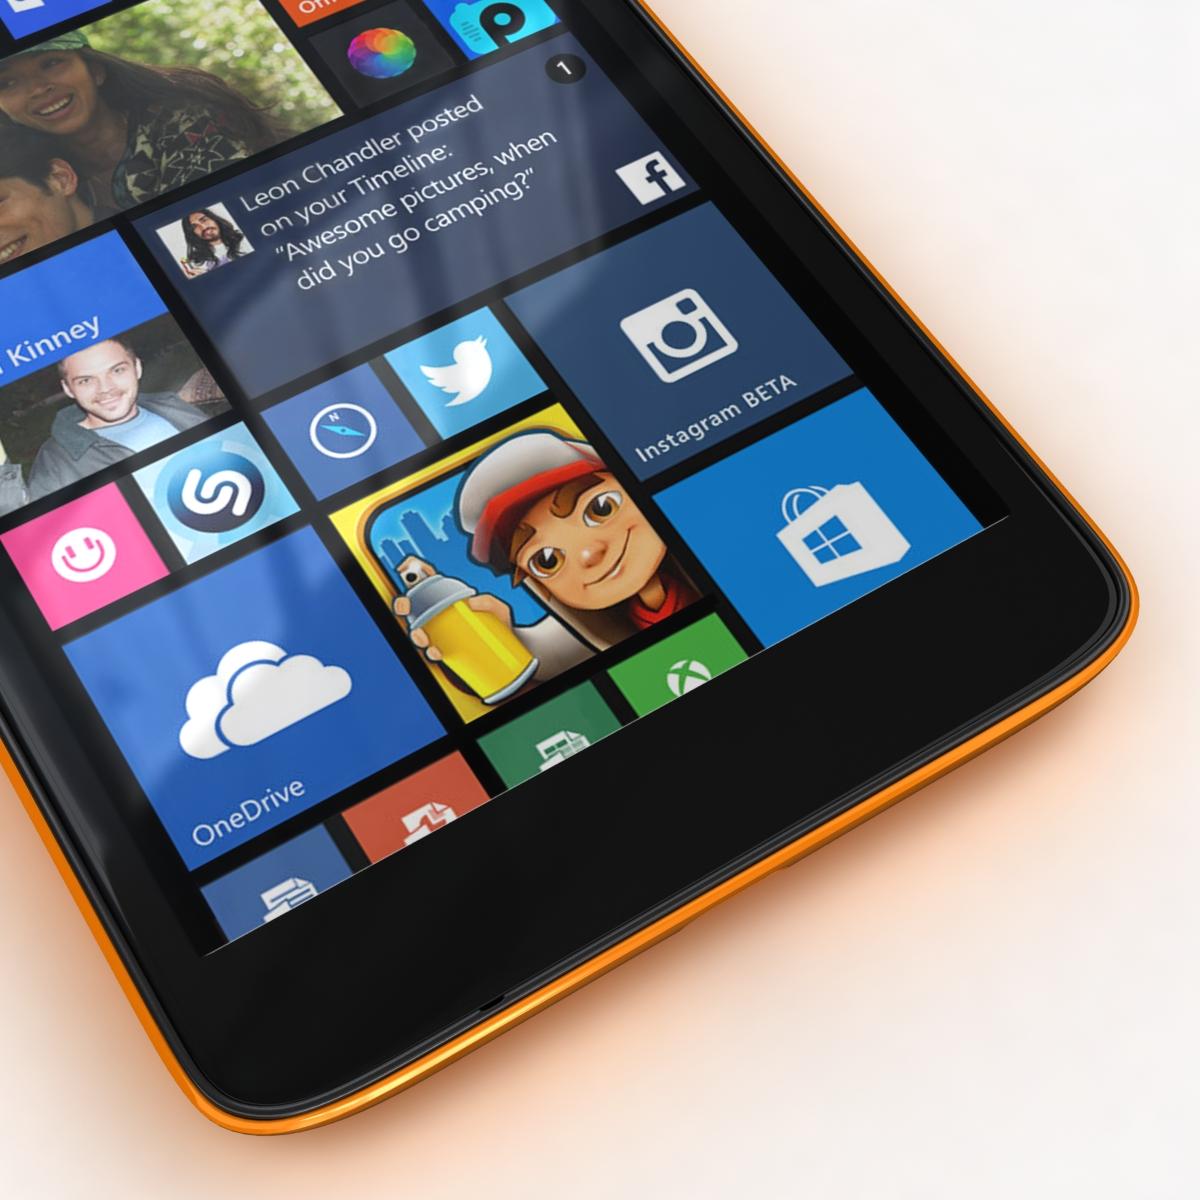 microsoft lumia 535 and dual sim all colors 3d model 3ds max fbx c4d obj 204662